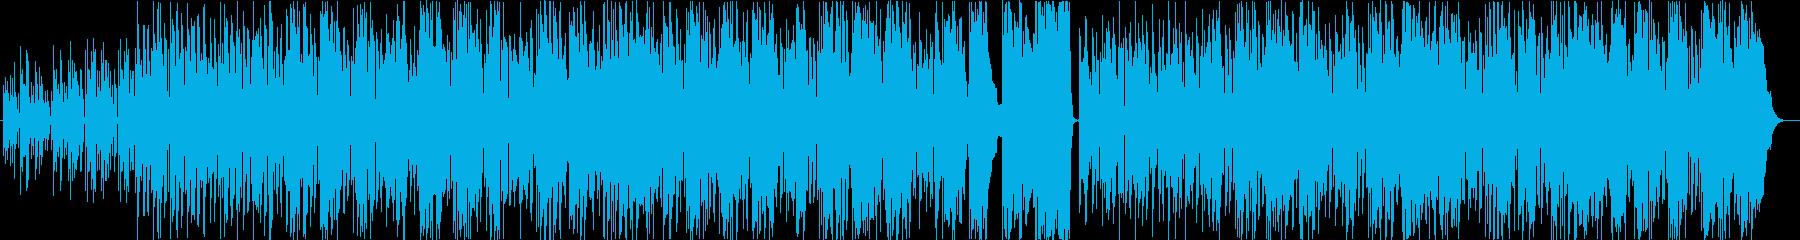 ゆったりとした気楽な響きのアコース...の再生済みの波形